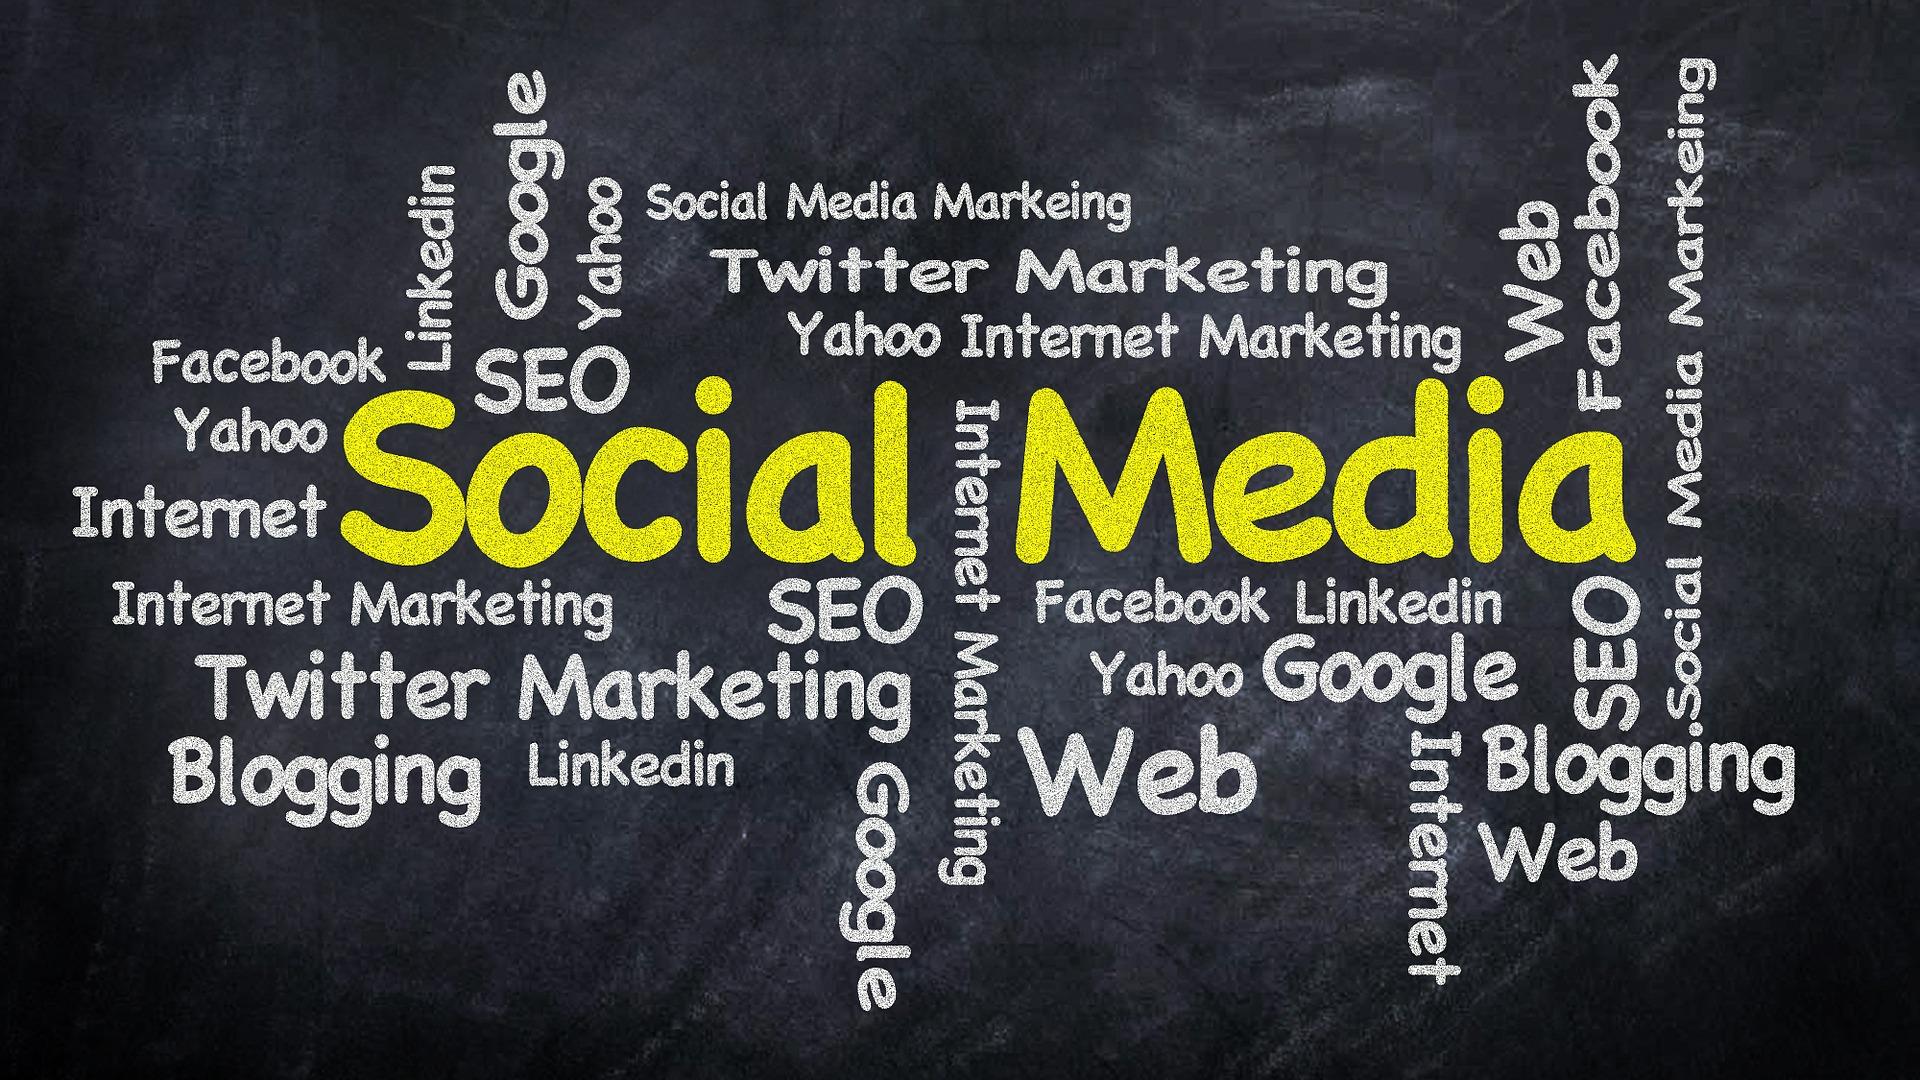 5 COSE IMPORTANTI DA SAPERE SULLO SVILUPPO DI APPLICAZIONI DI SOCIAL NETWORK